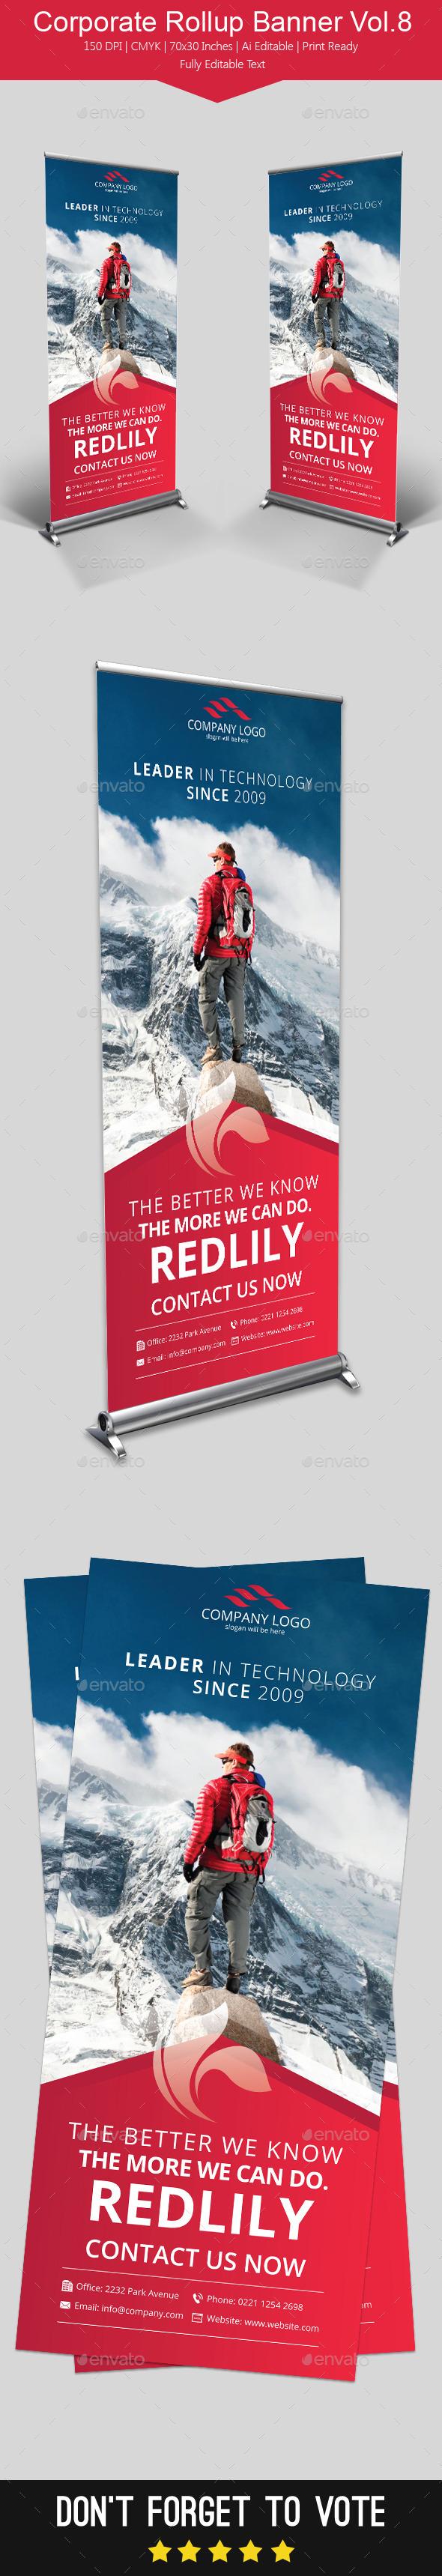 GraphicRiver Corporate Rollup Banner Vol.8 11460615